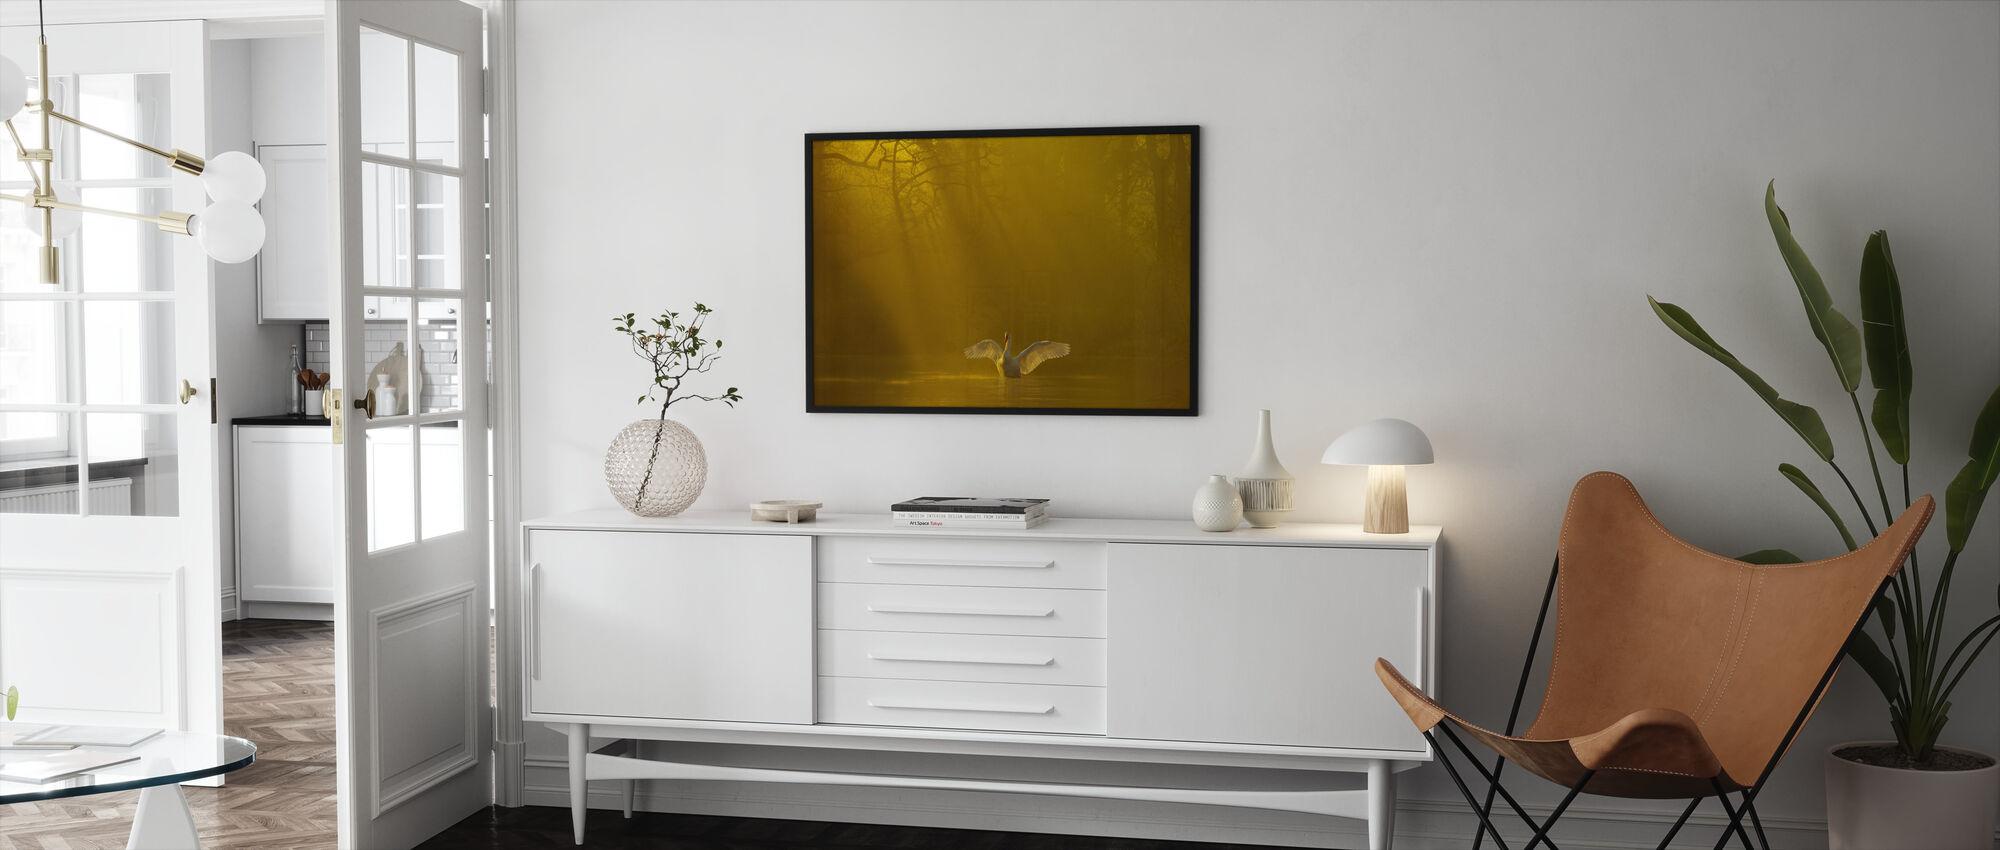 Golden Swan Lake - Framed print - Living Room